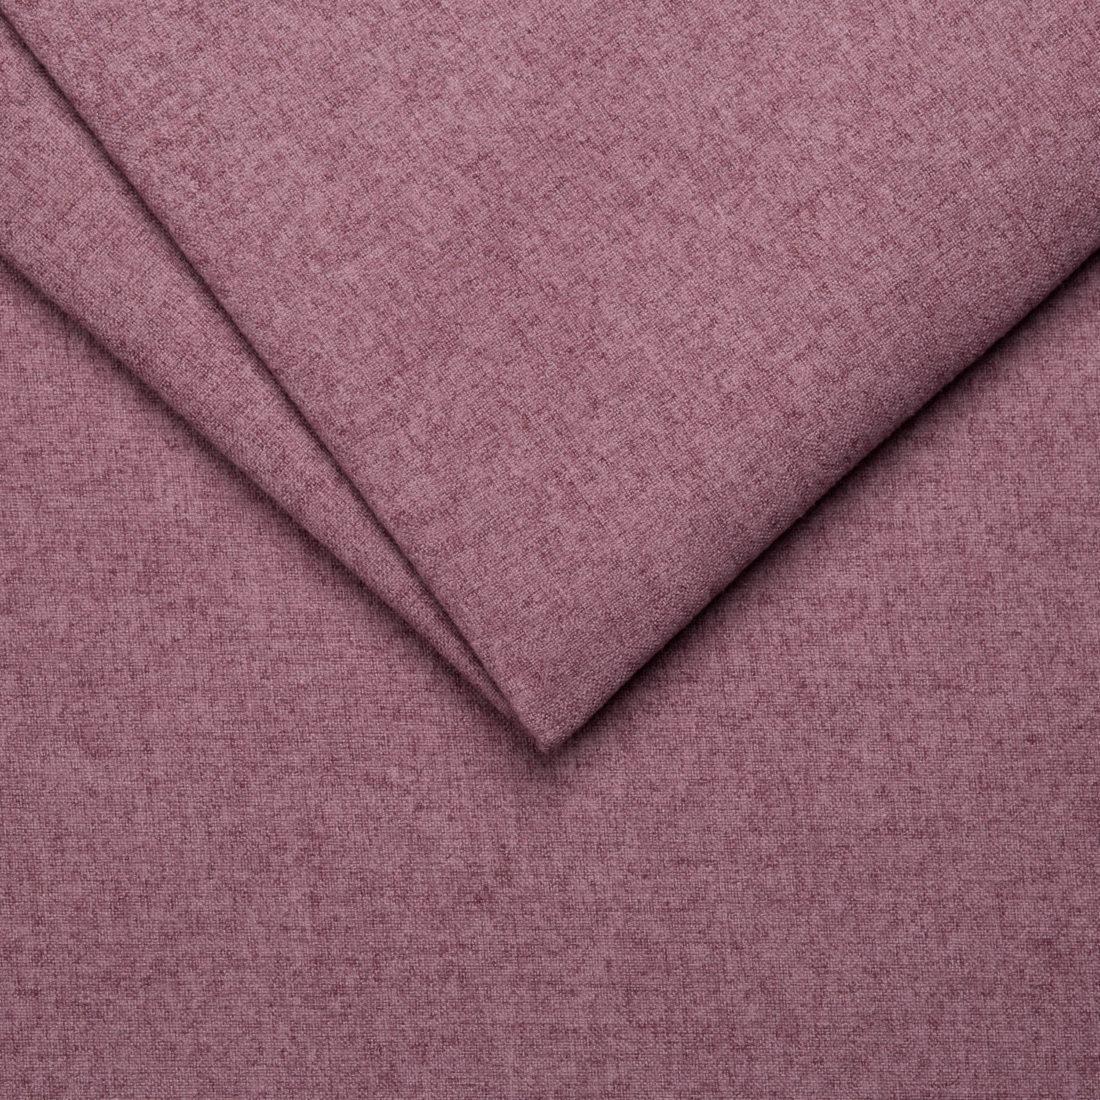 Меблева тканина Cashmere 6 Wine, рогожка